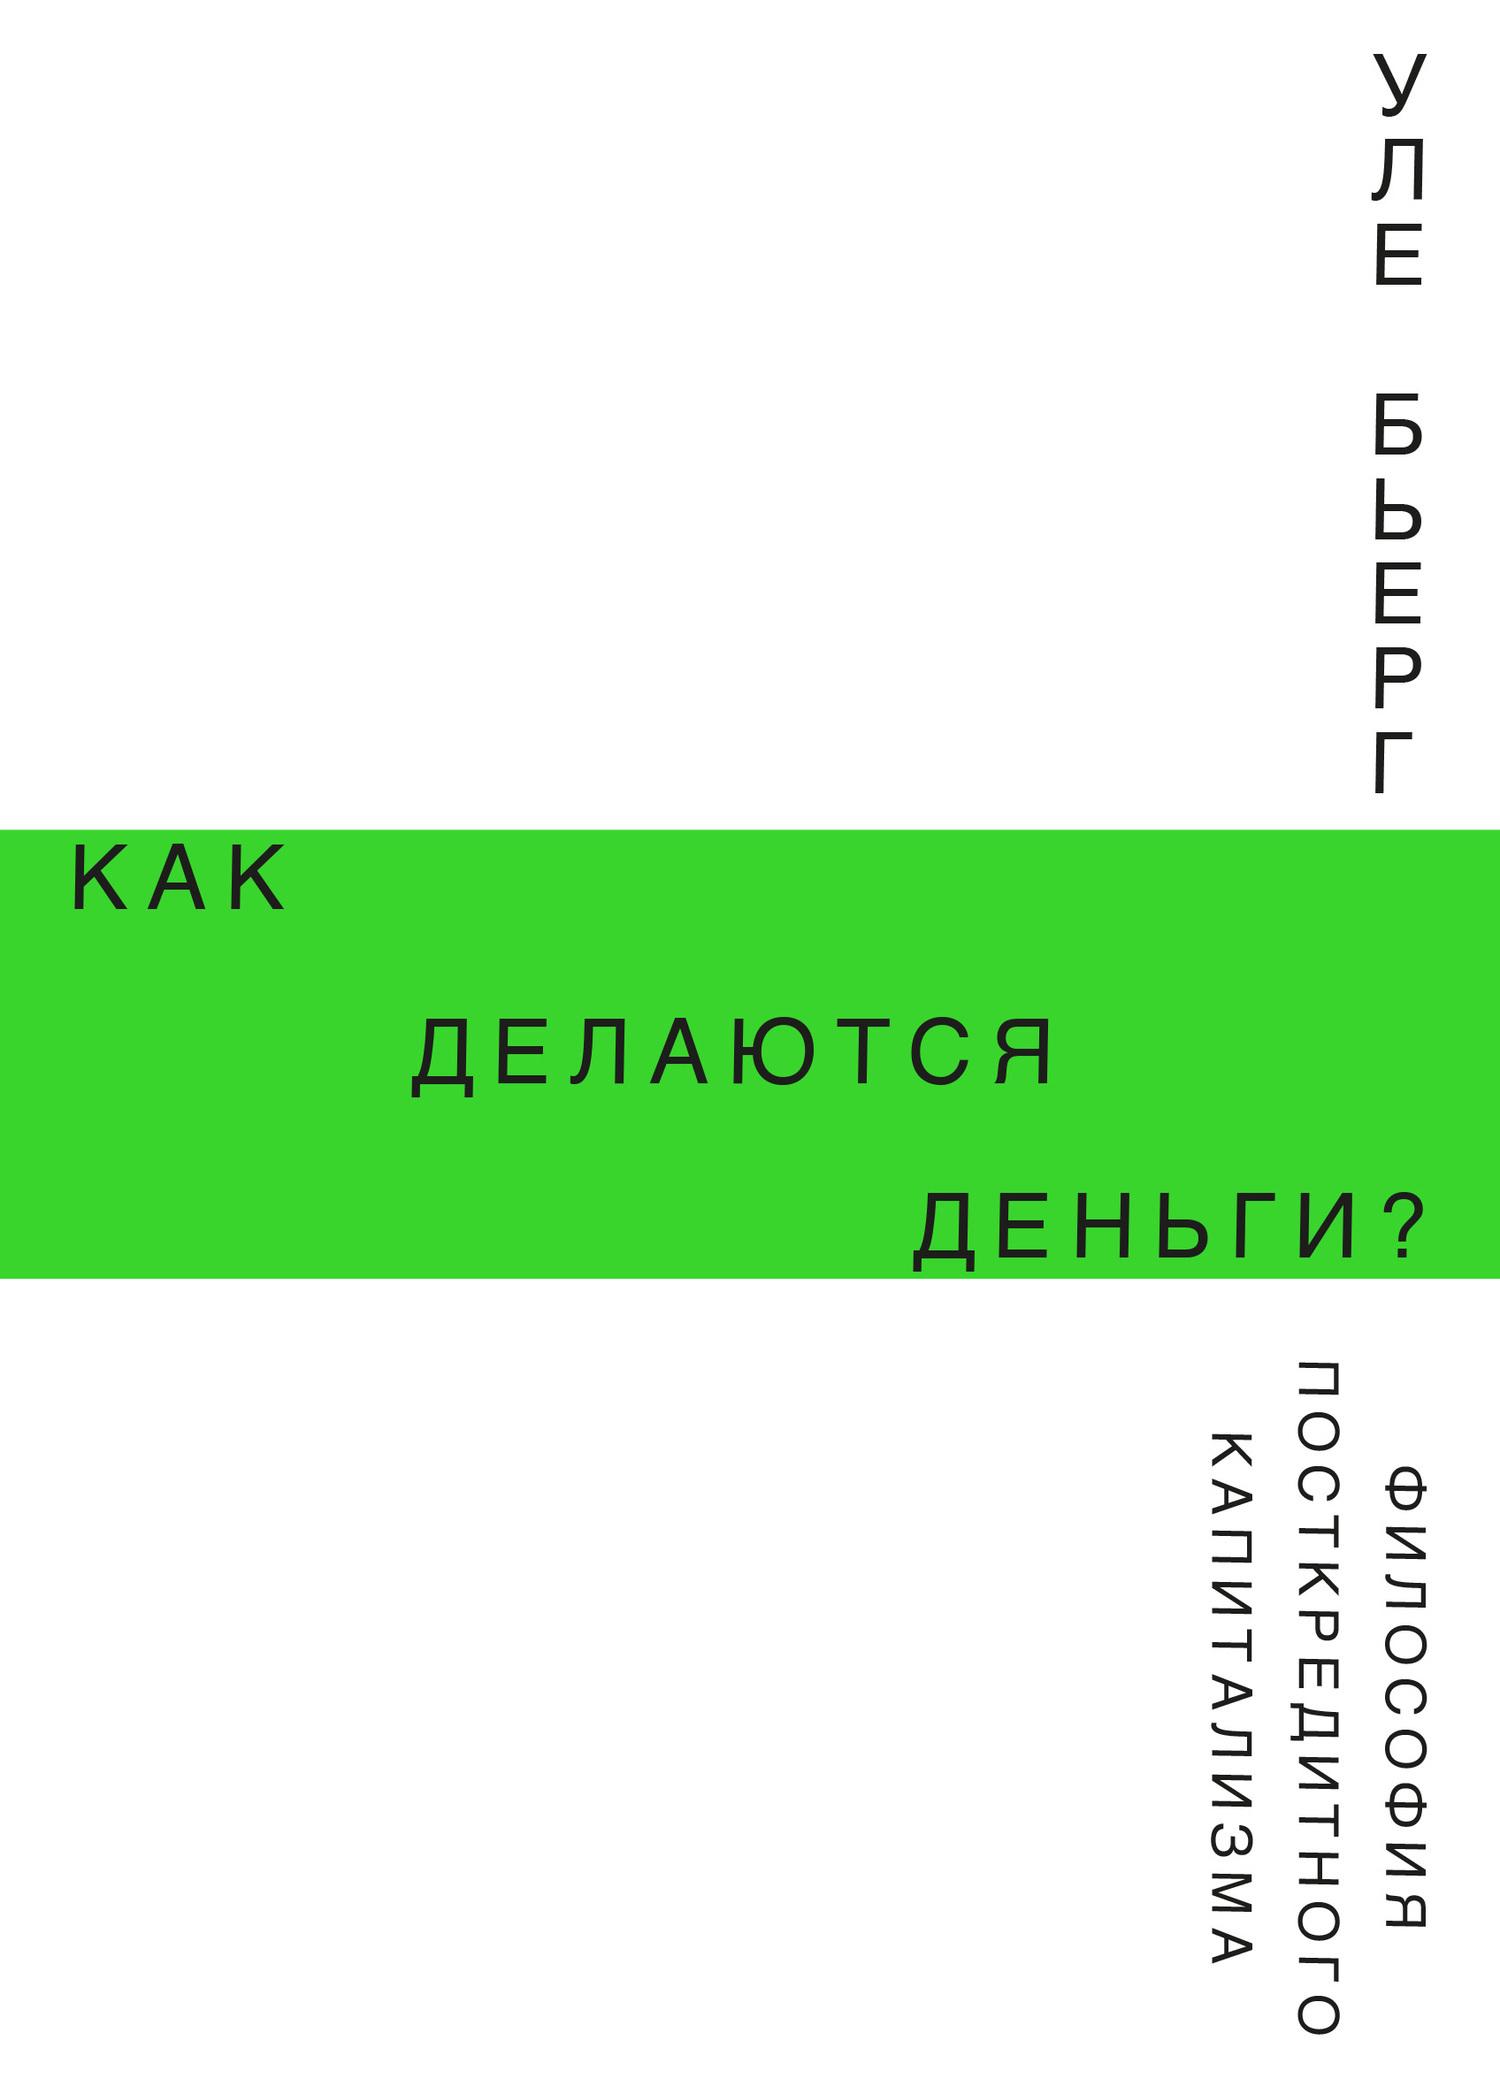 Обложка книги. Автор - Уле Бьерг